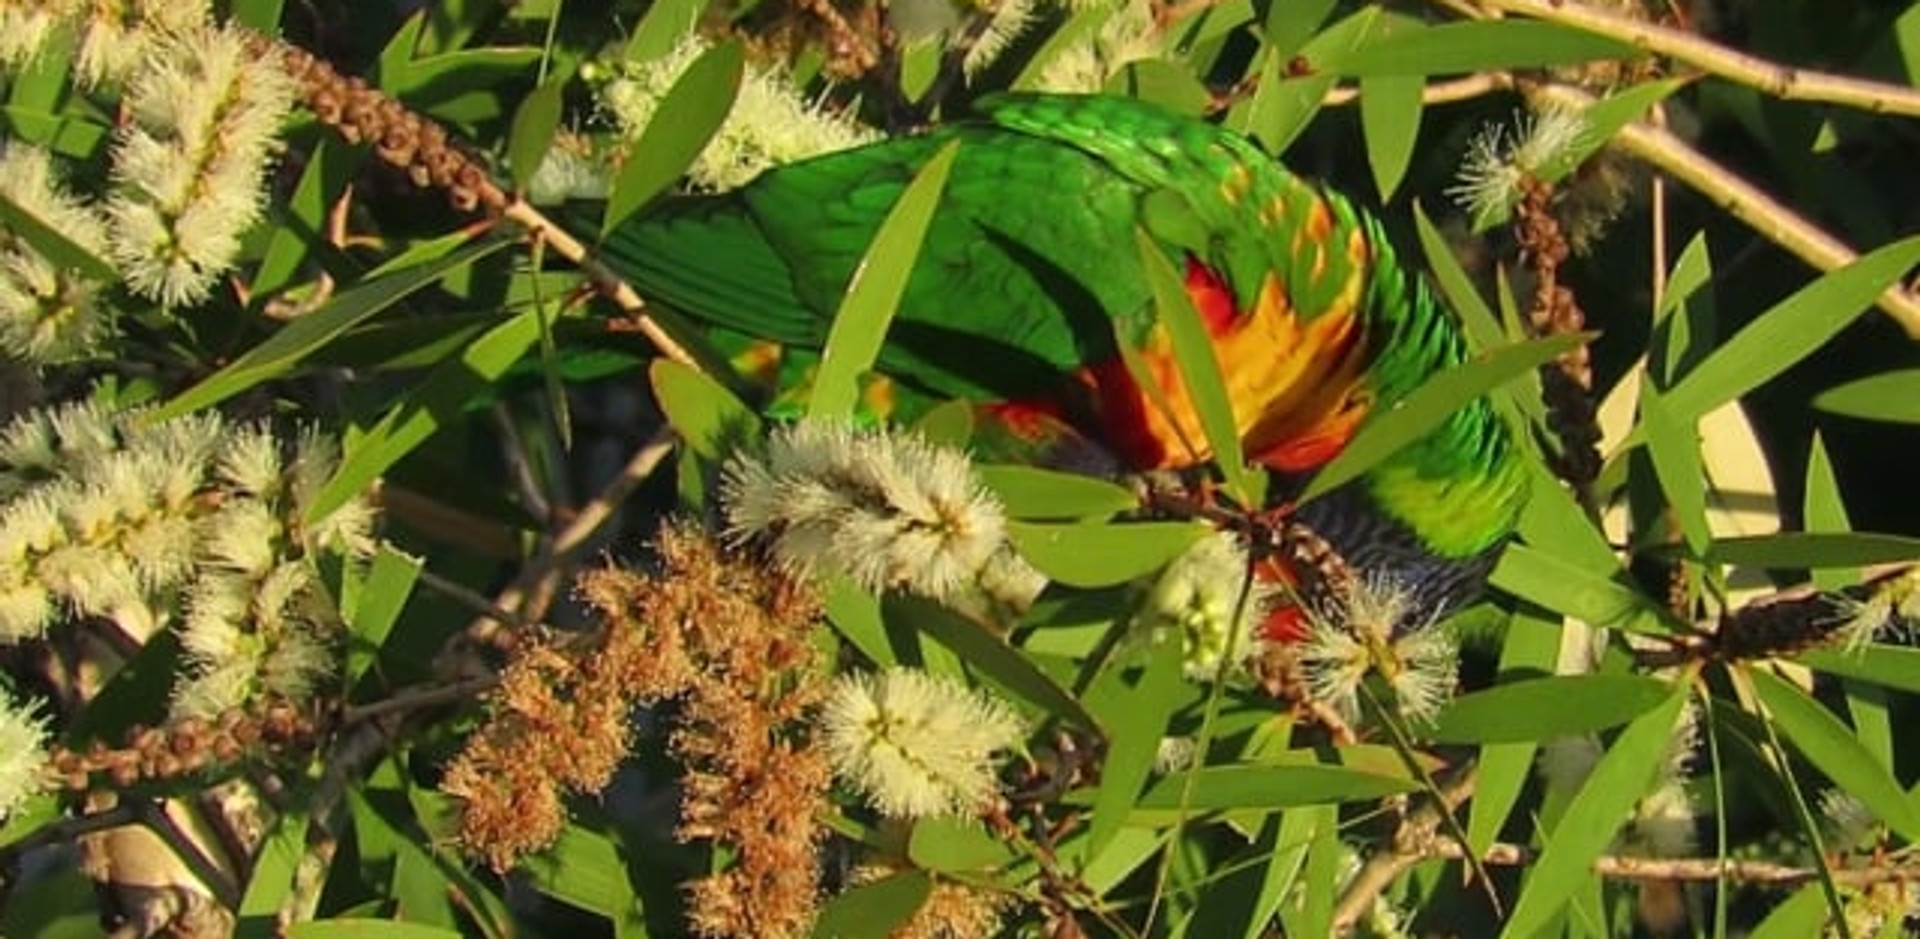 Rainbow Lorikeet feeding